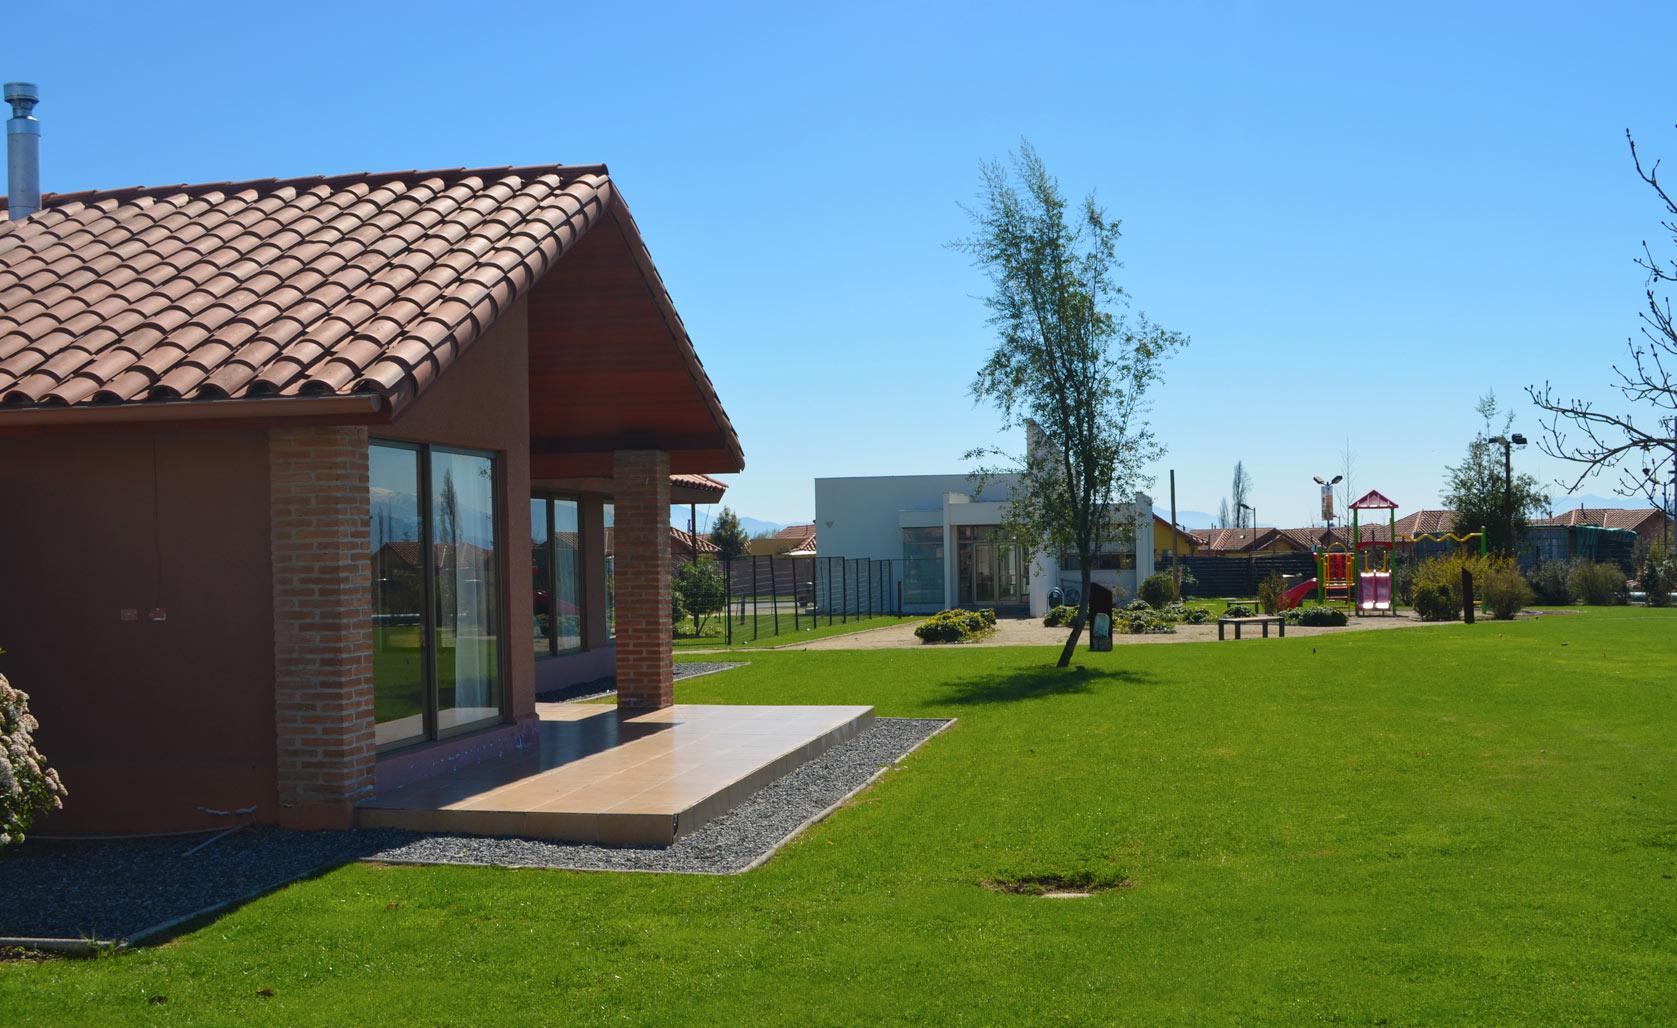 El polo de machal - Proyectos casas nuevas ...